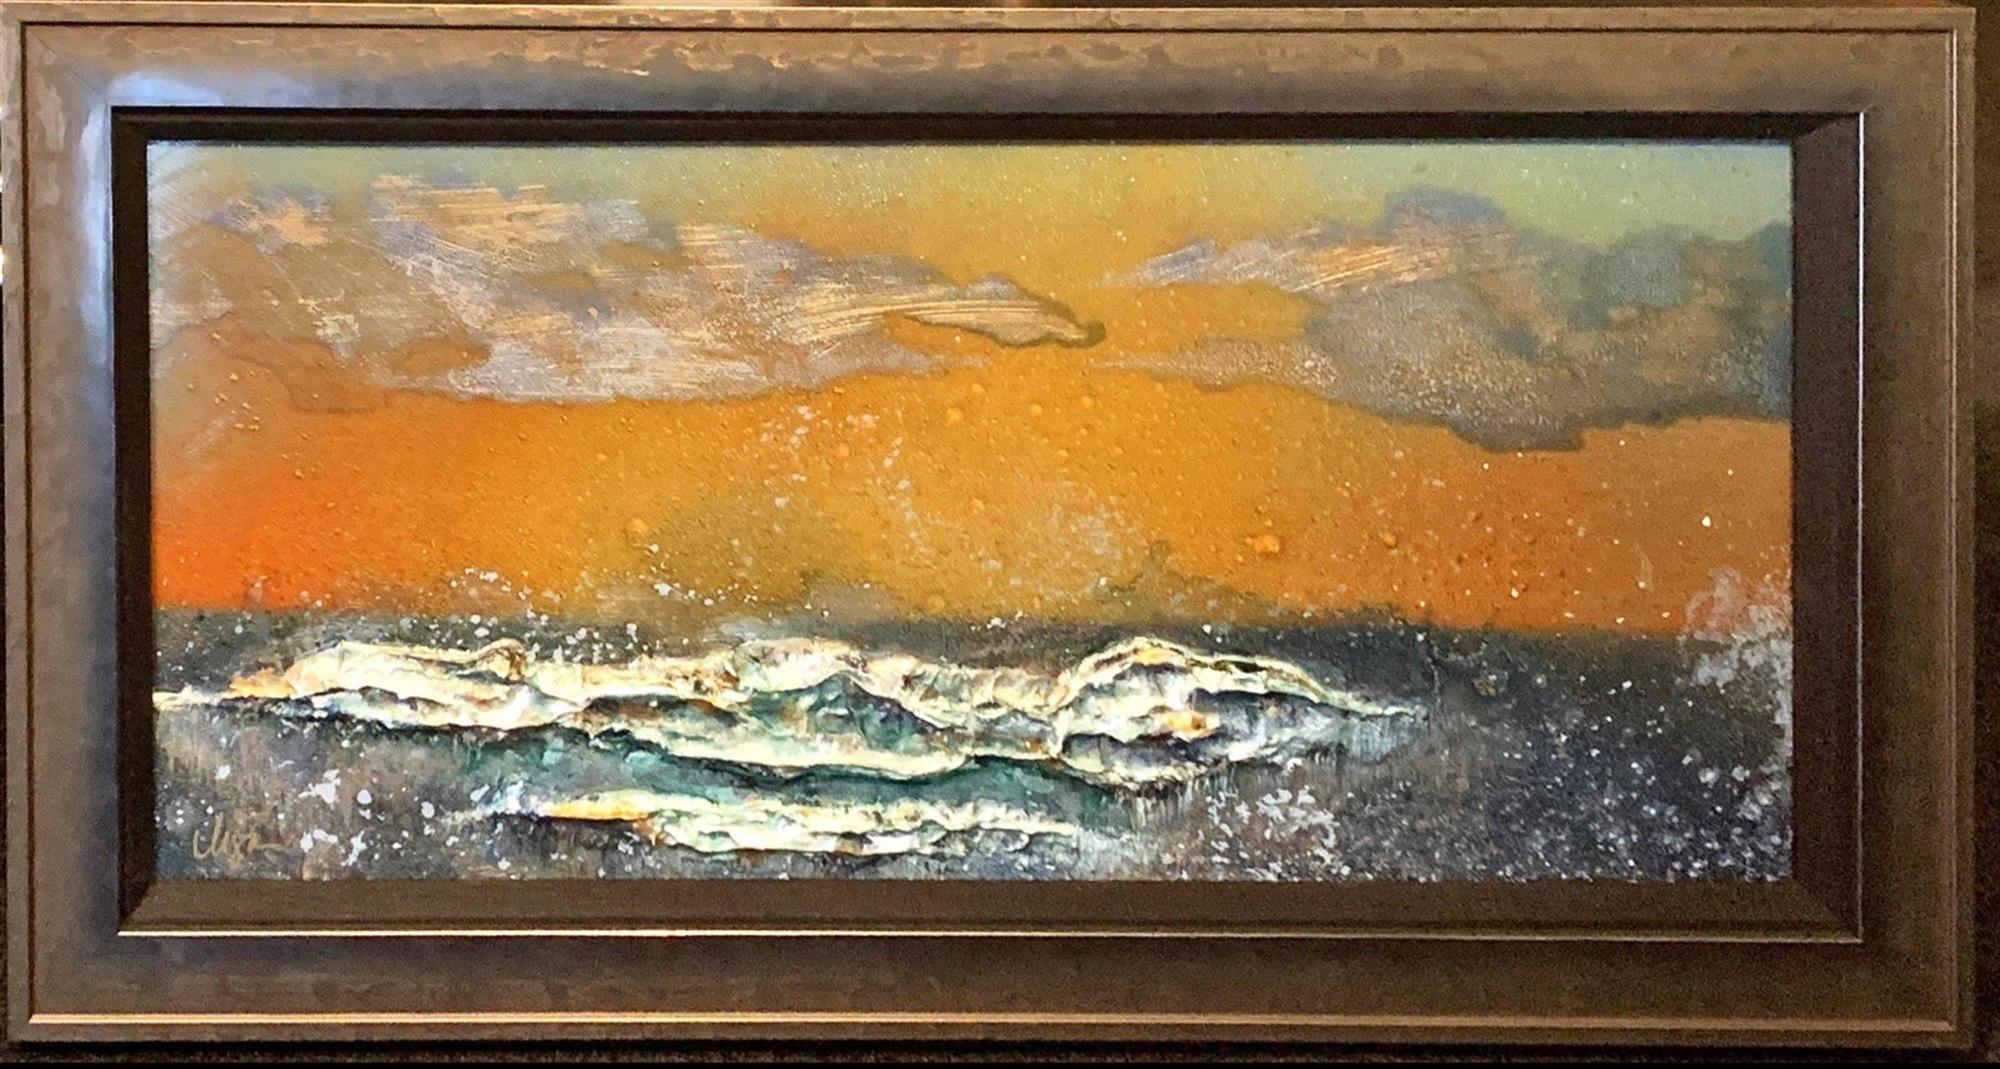 Seas the Day III by Lisa Wilson